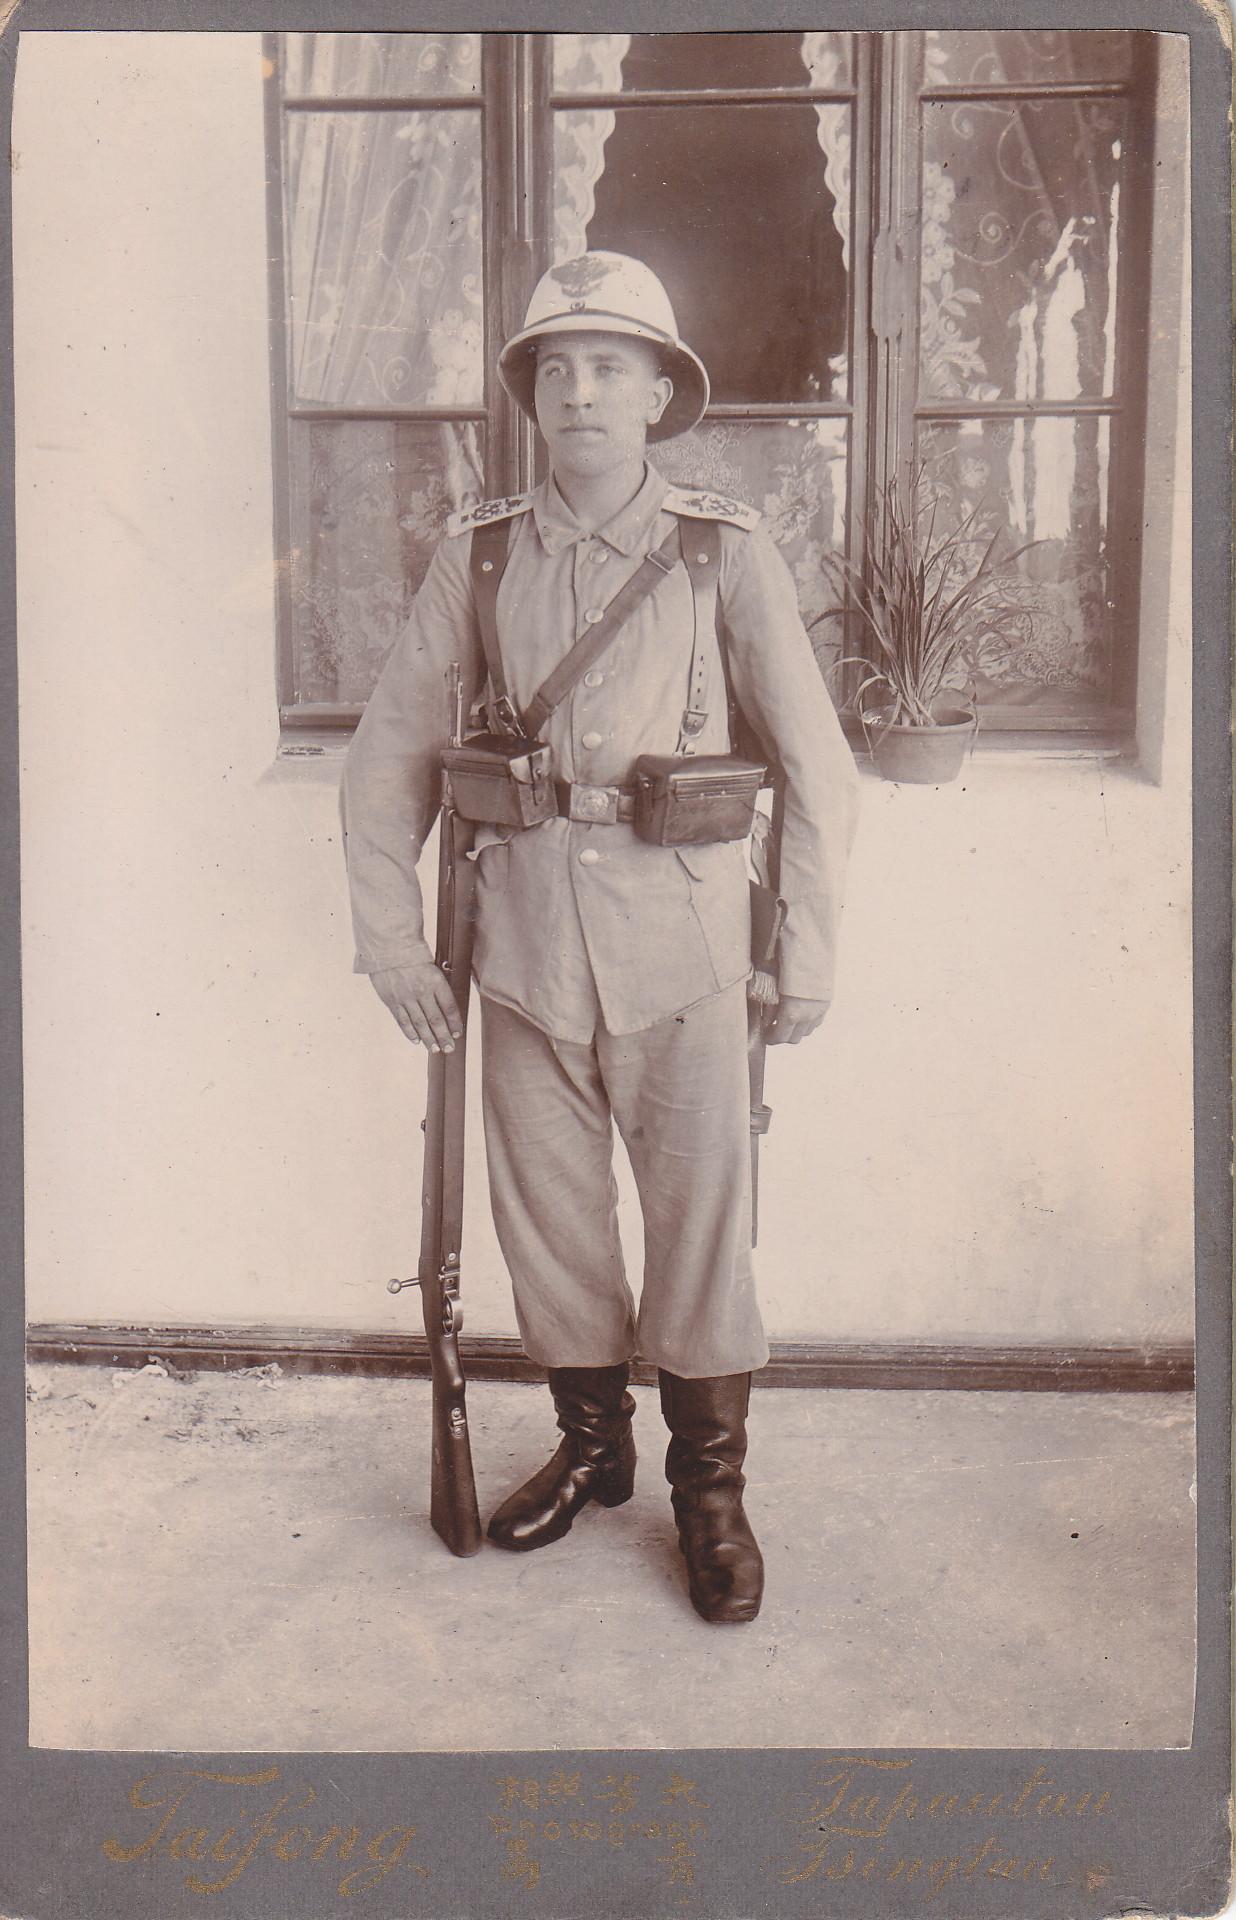 Soldat in Uniform